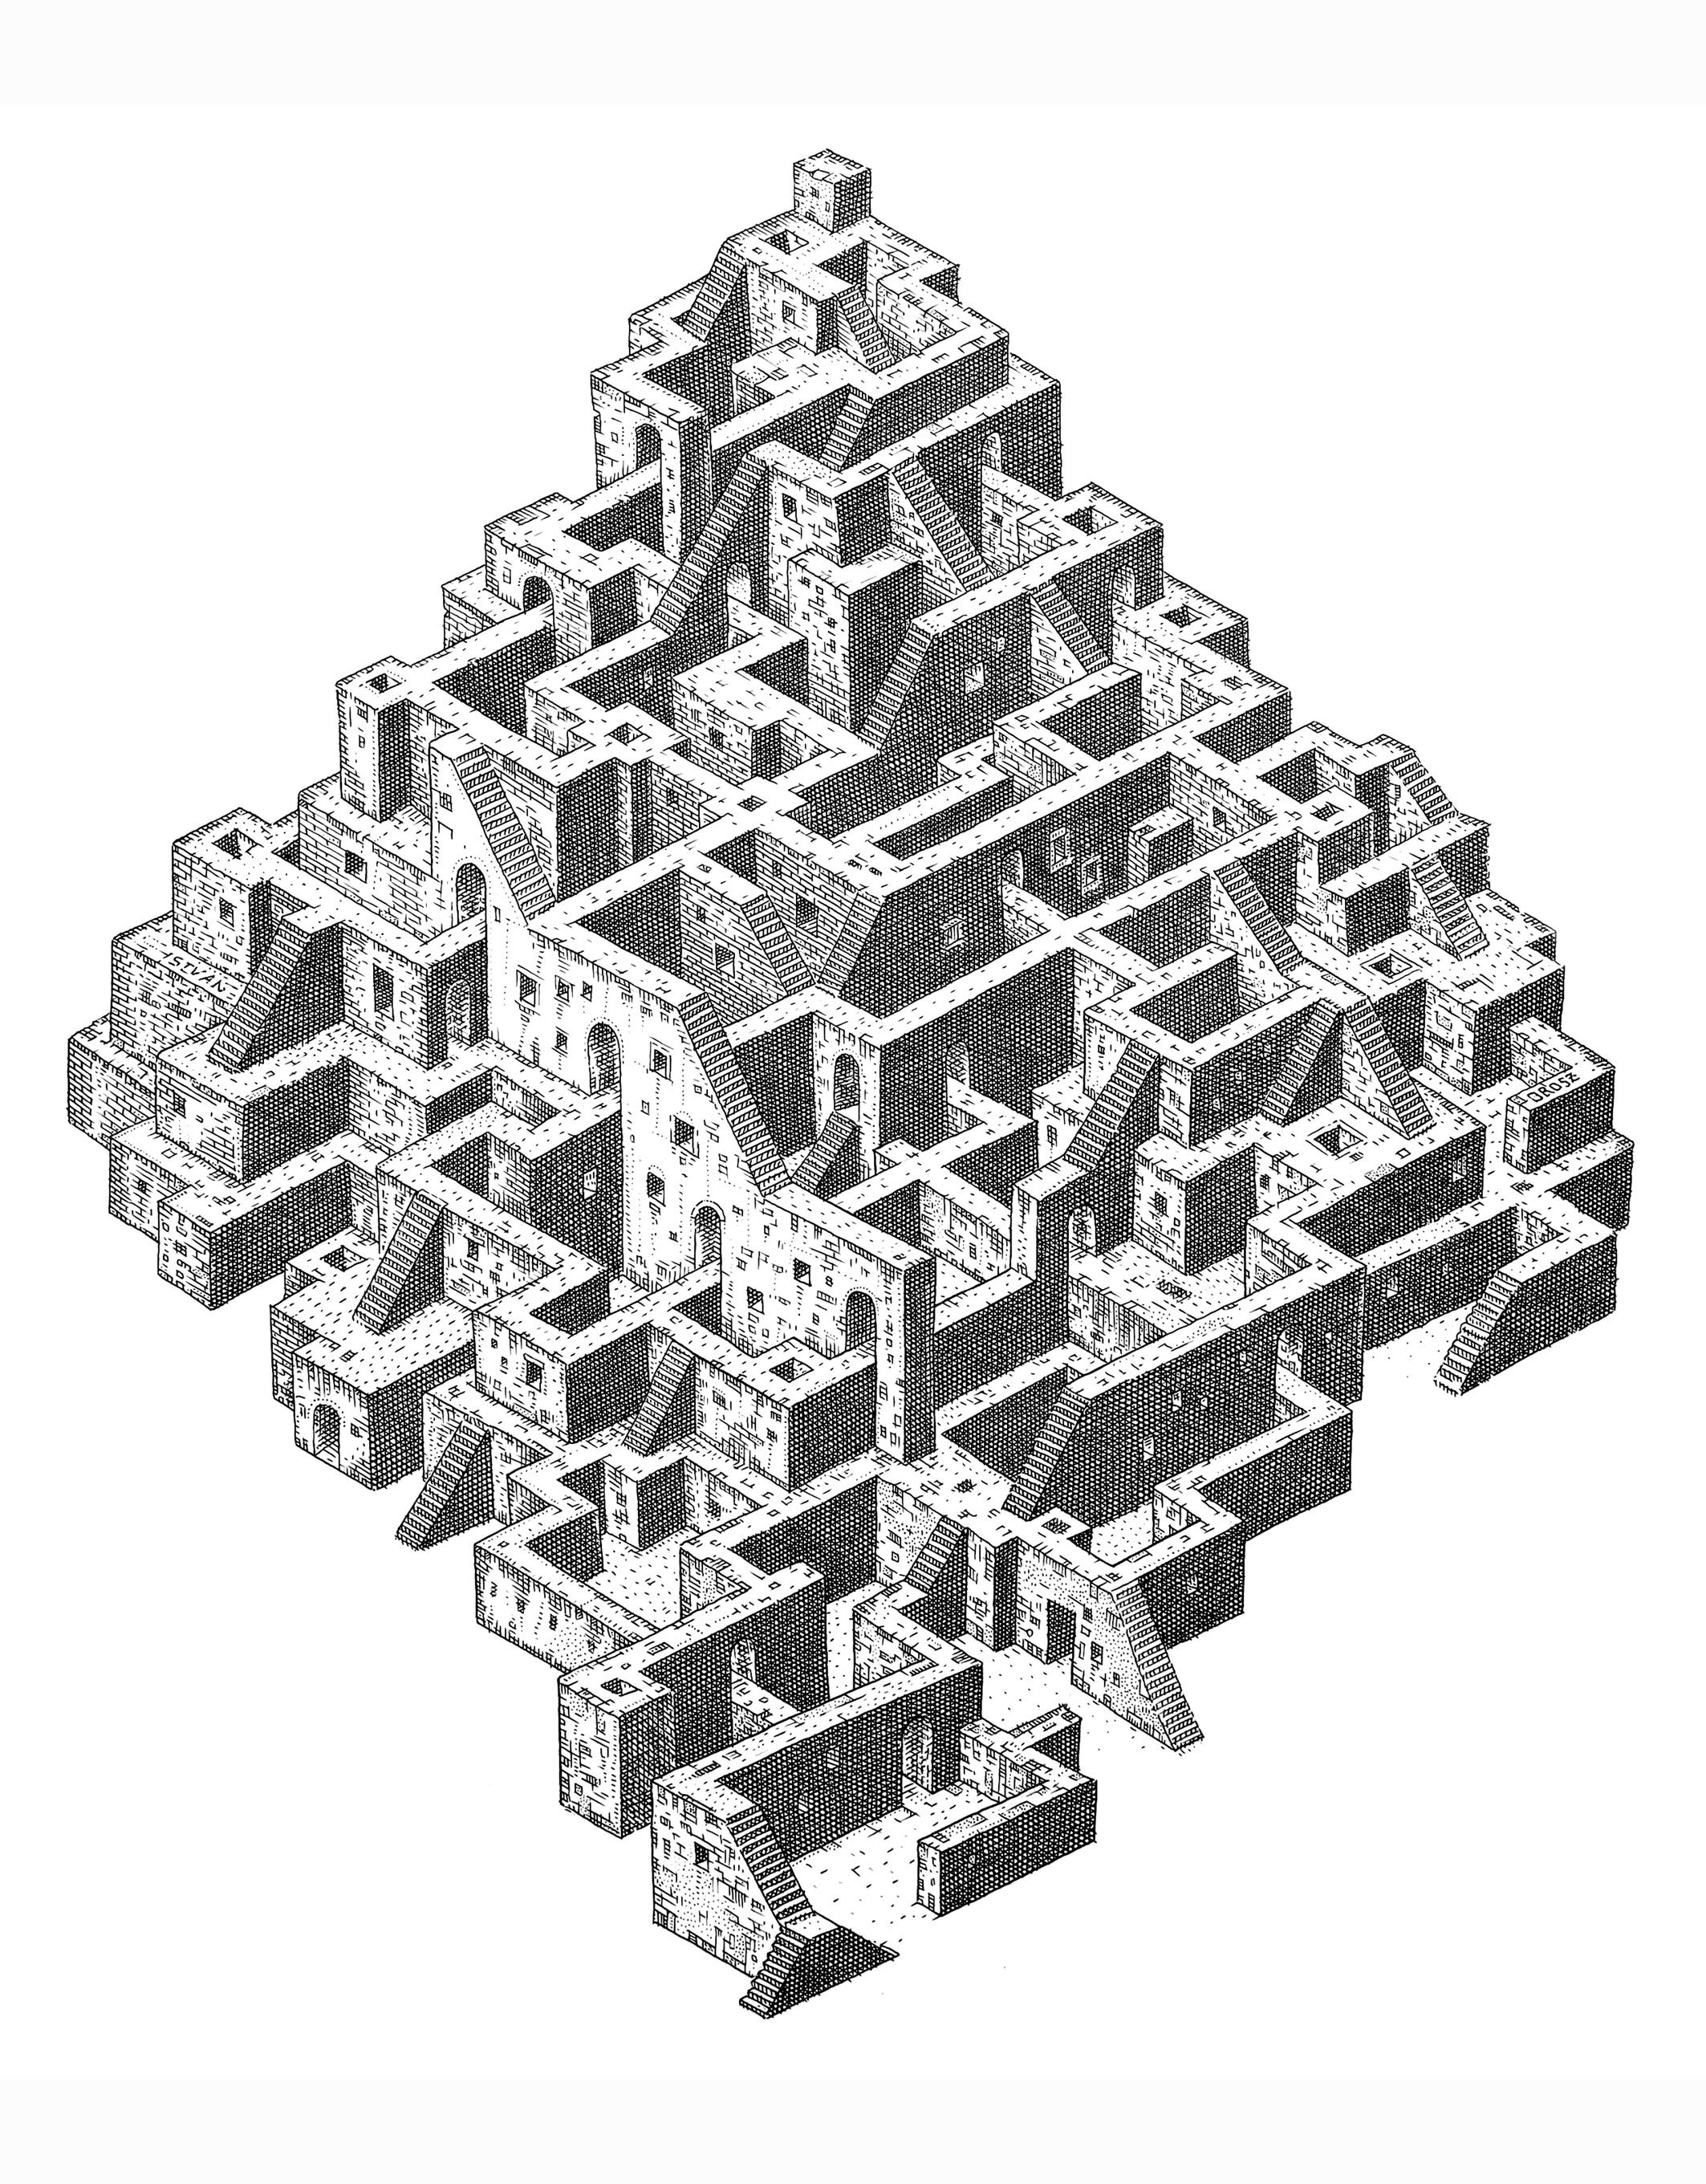 Orosz, István: Babylonian labyrinth